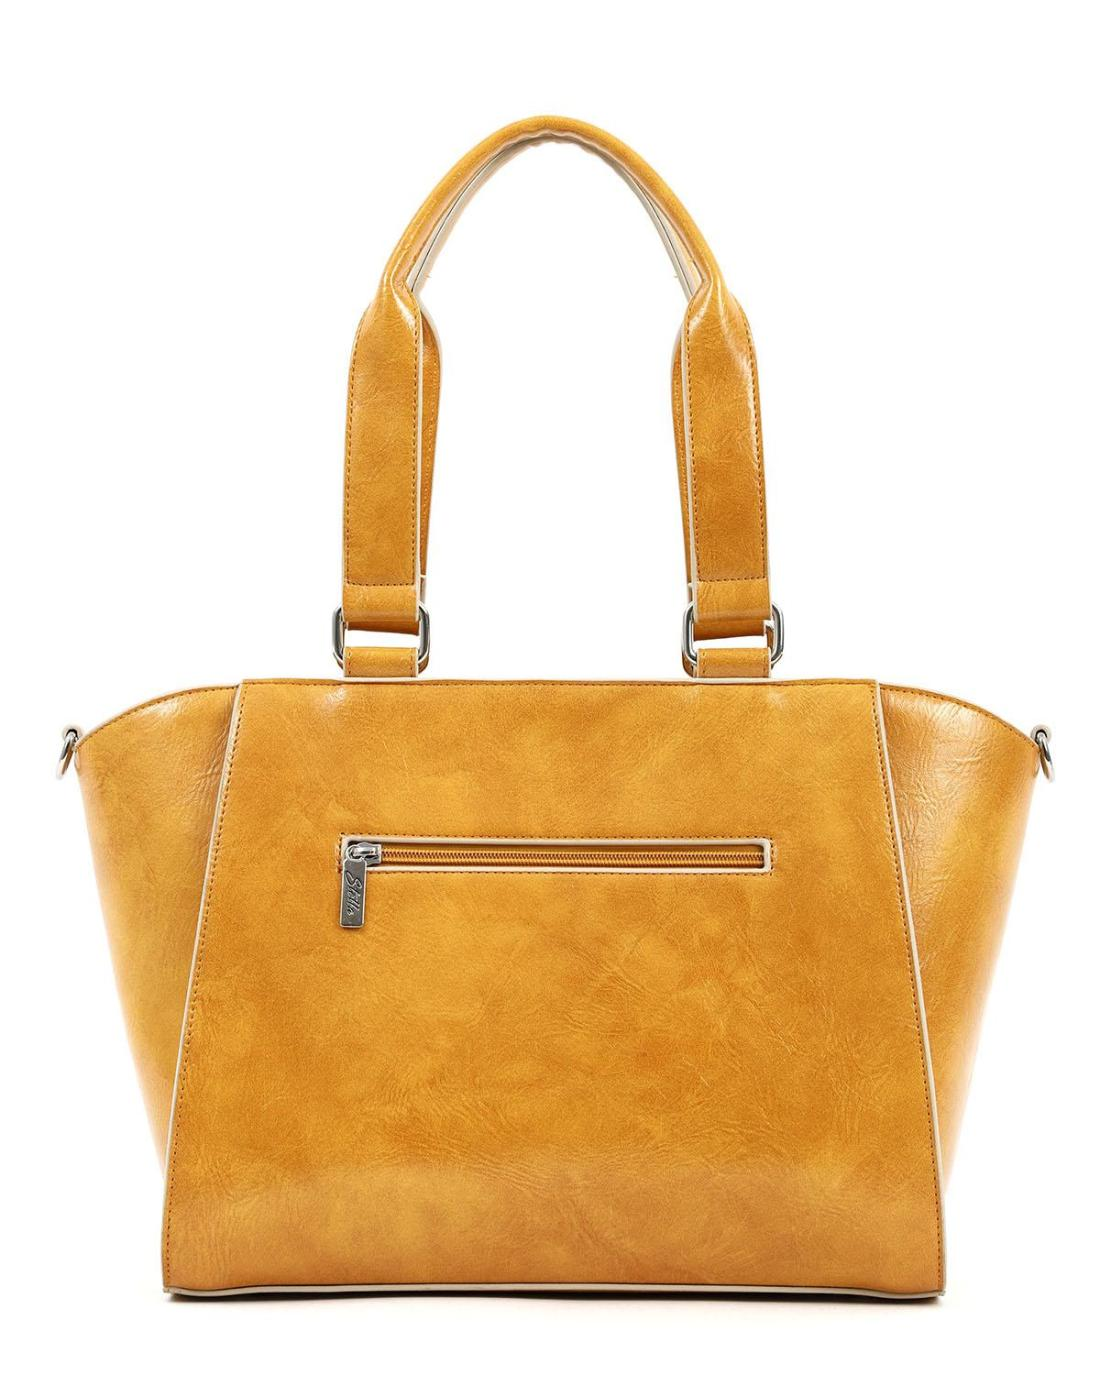 Καθημερινή τσάντα ώμου κίτρινη